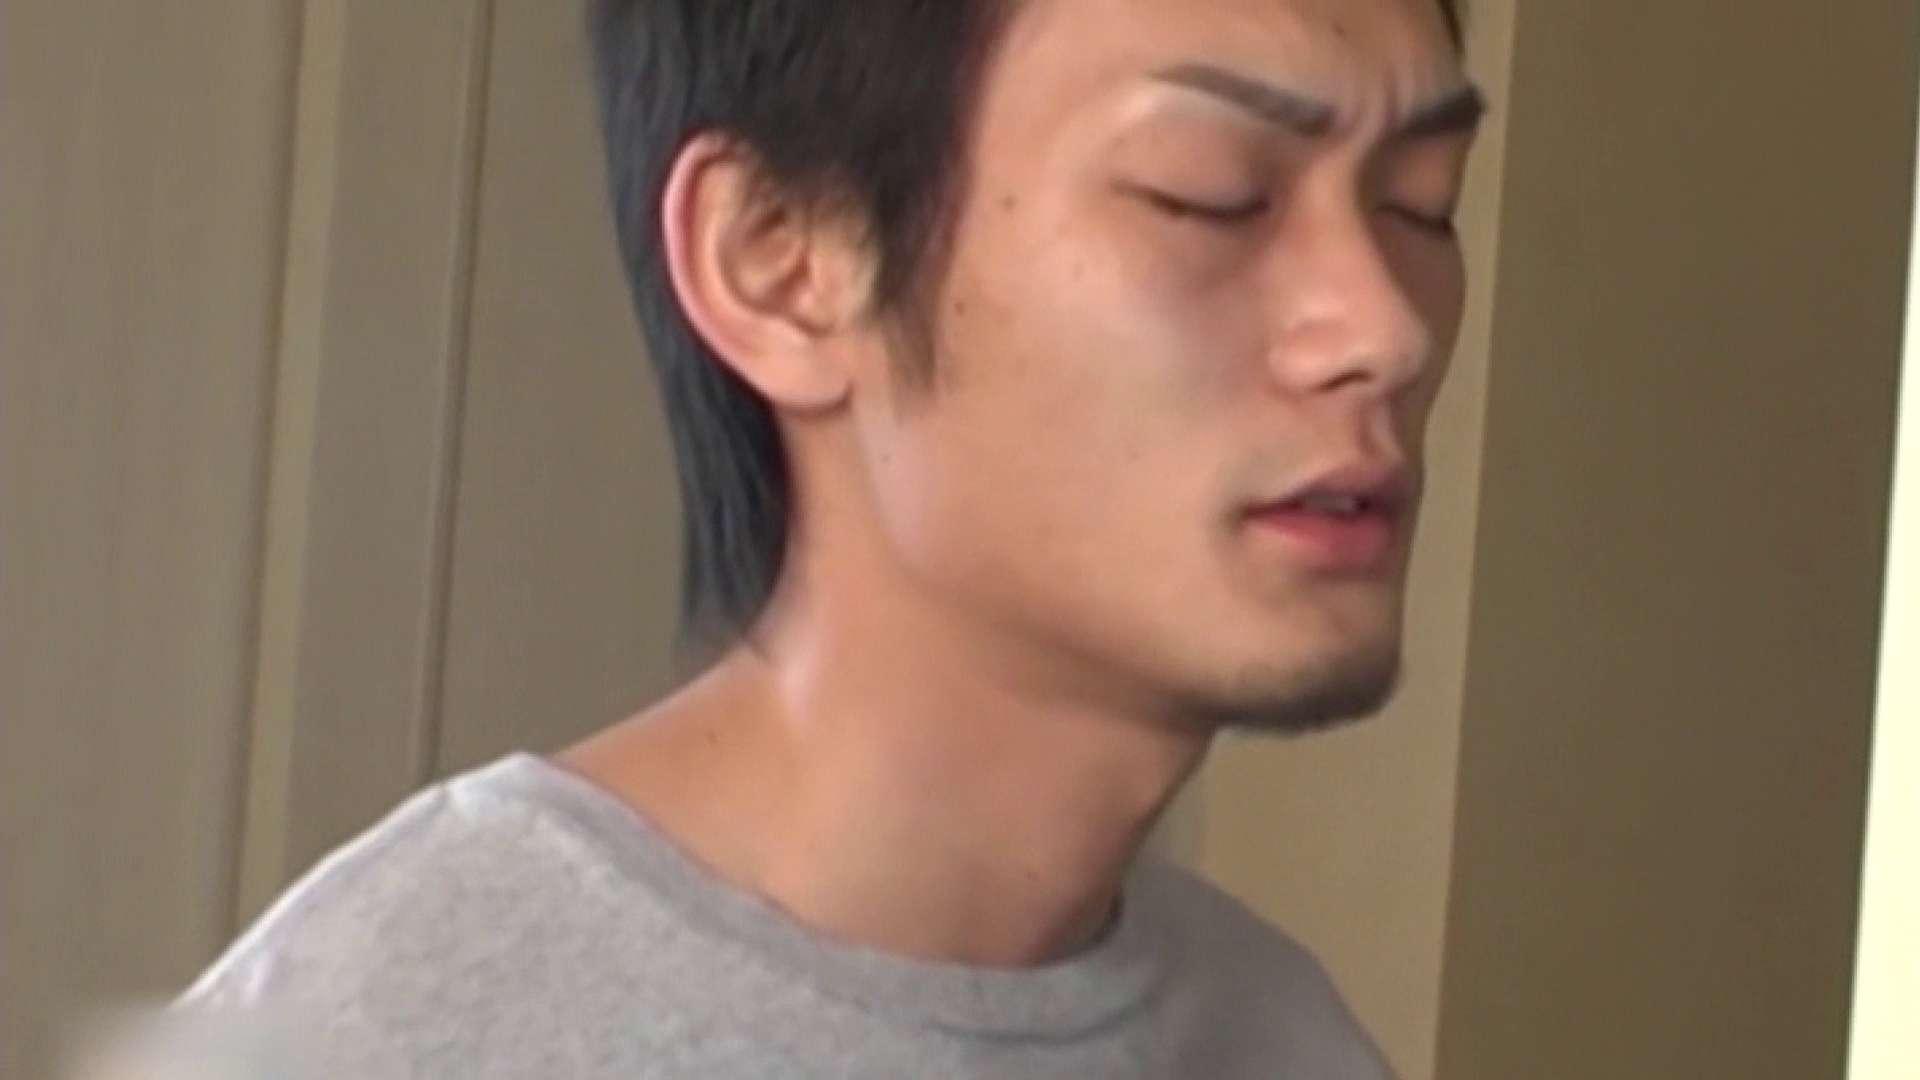 ヤリヤリ野郎共倶楽部vol.20前編 ノンケのオナニー 男同士画像 91連発 26